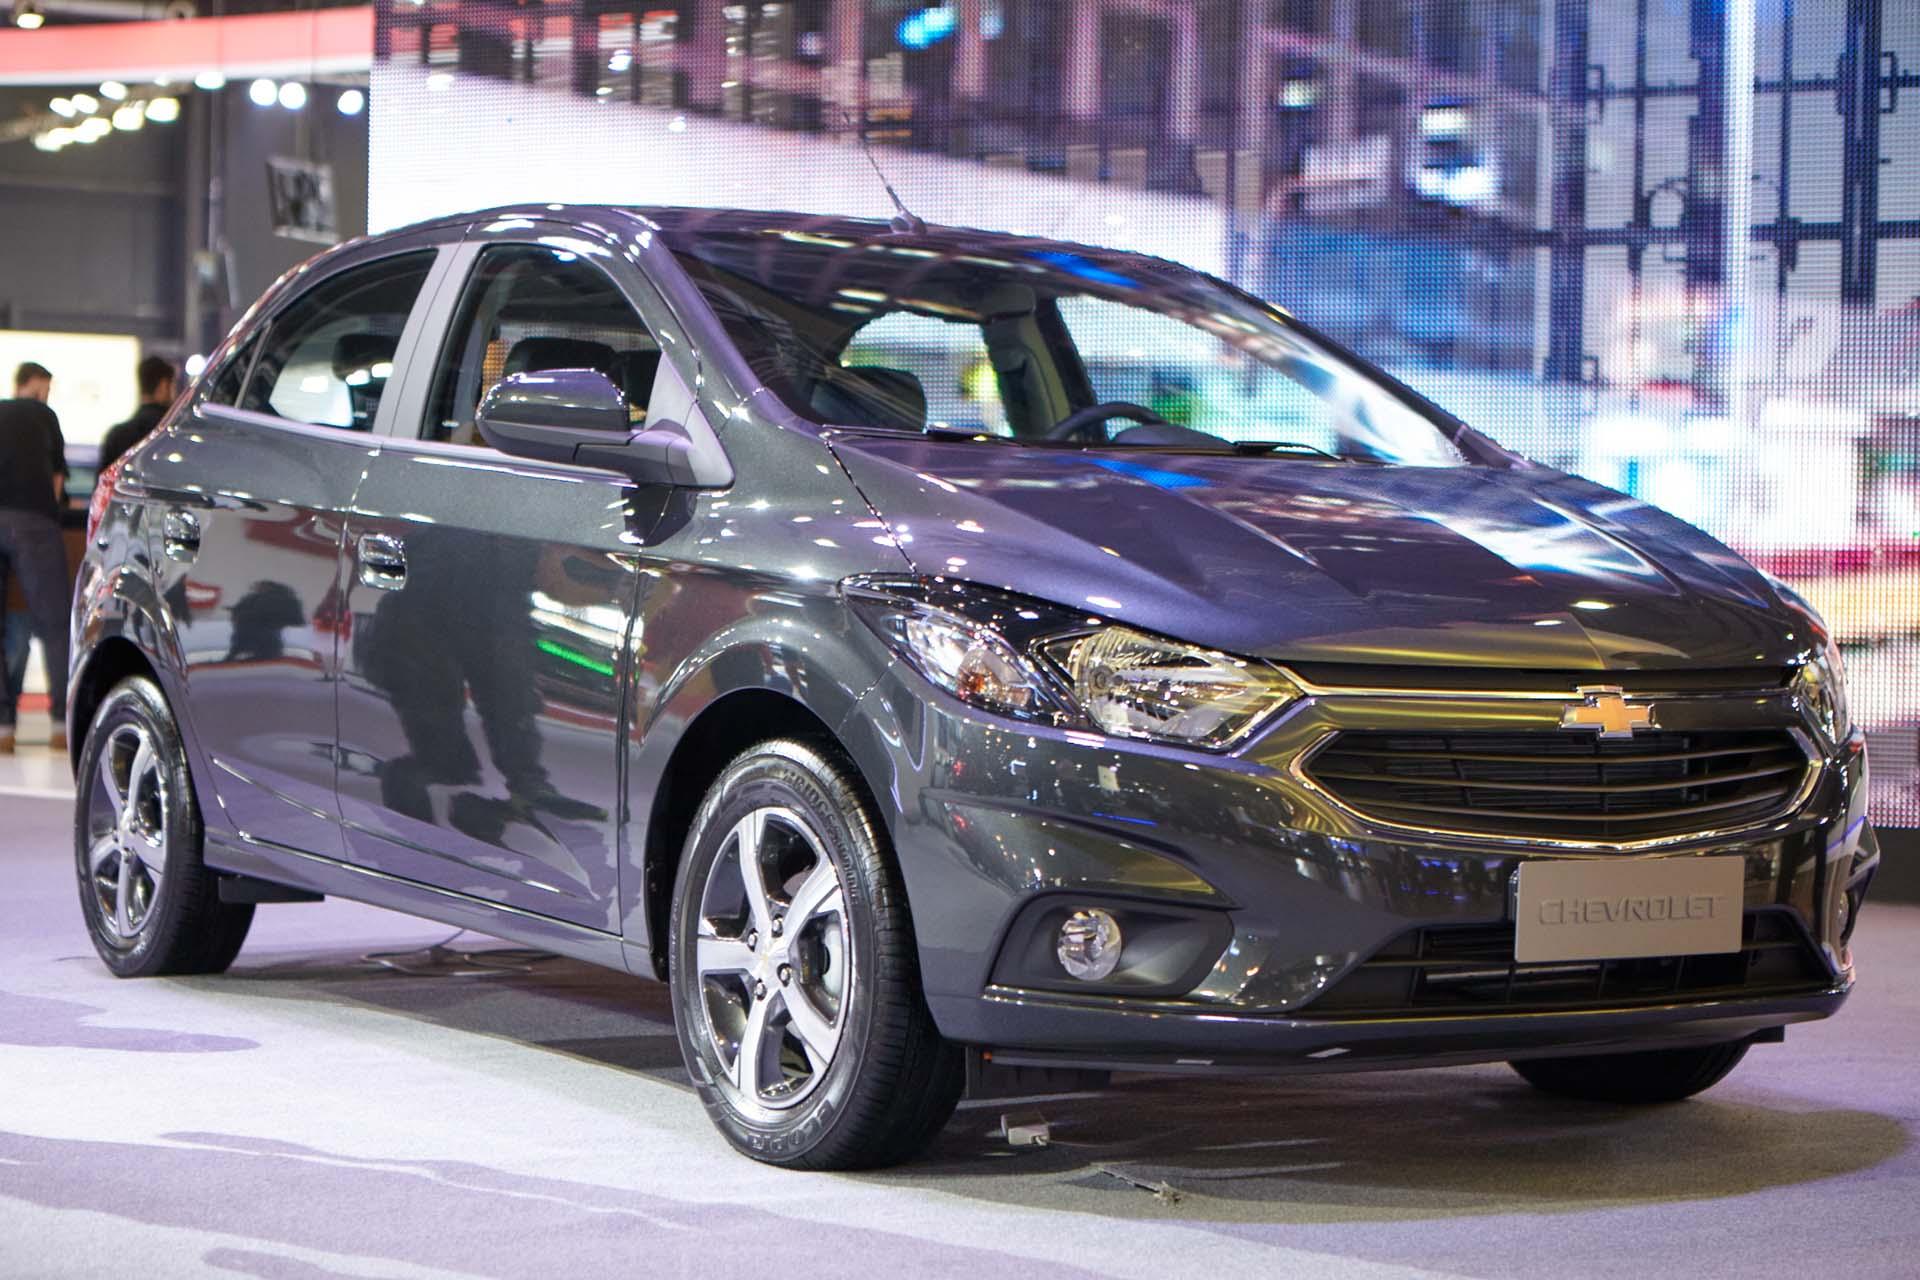 Chevrolet Prisma, es un sedán con renovado diseño y equipamiento (GM)